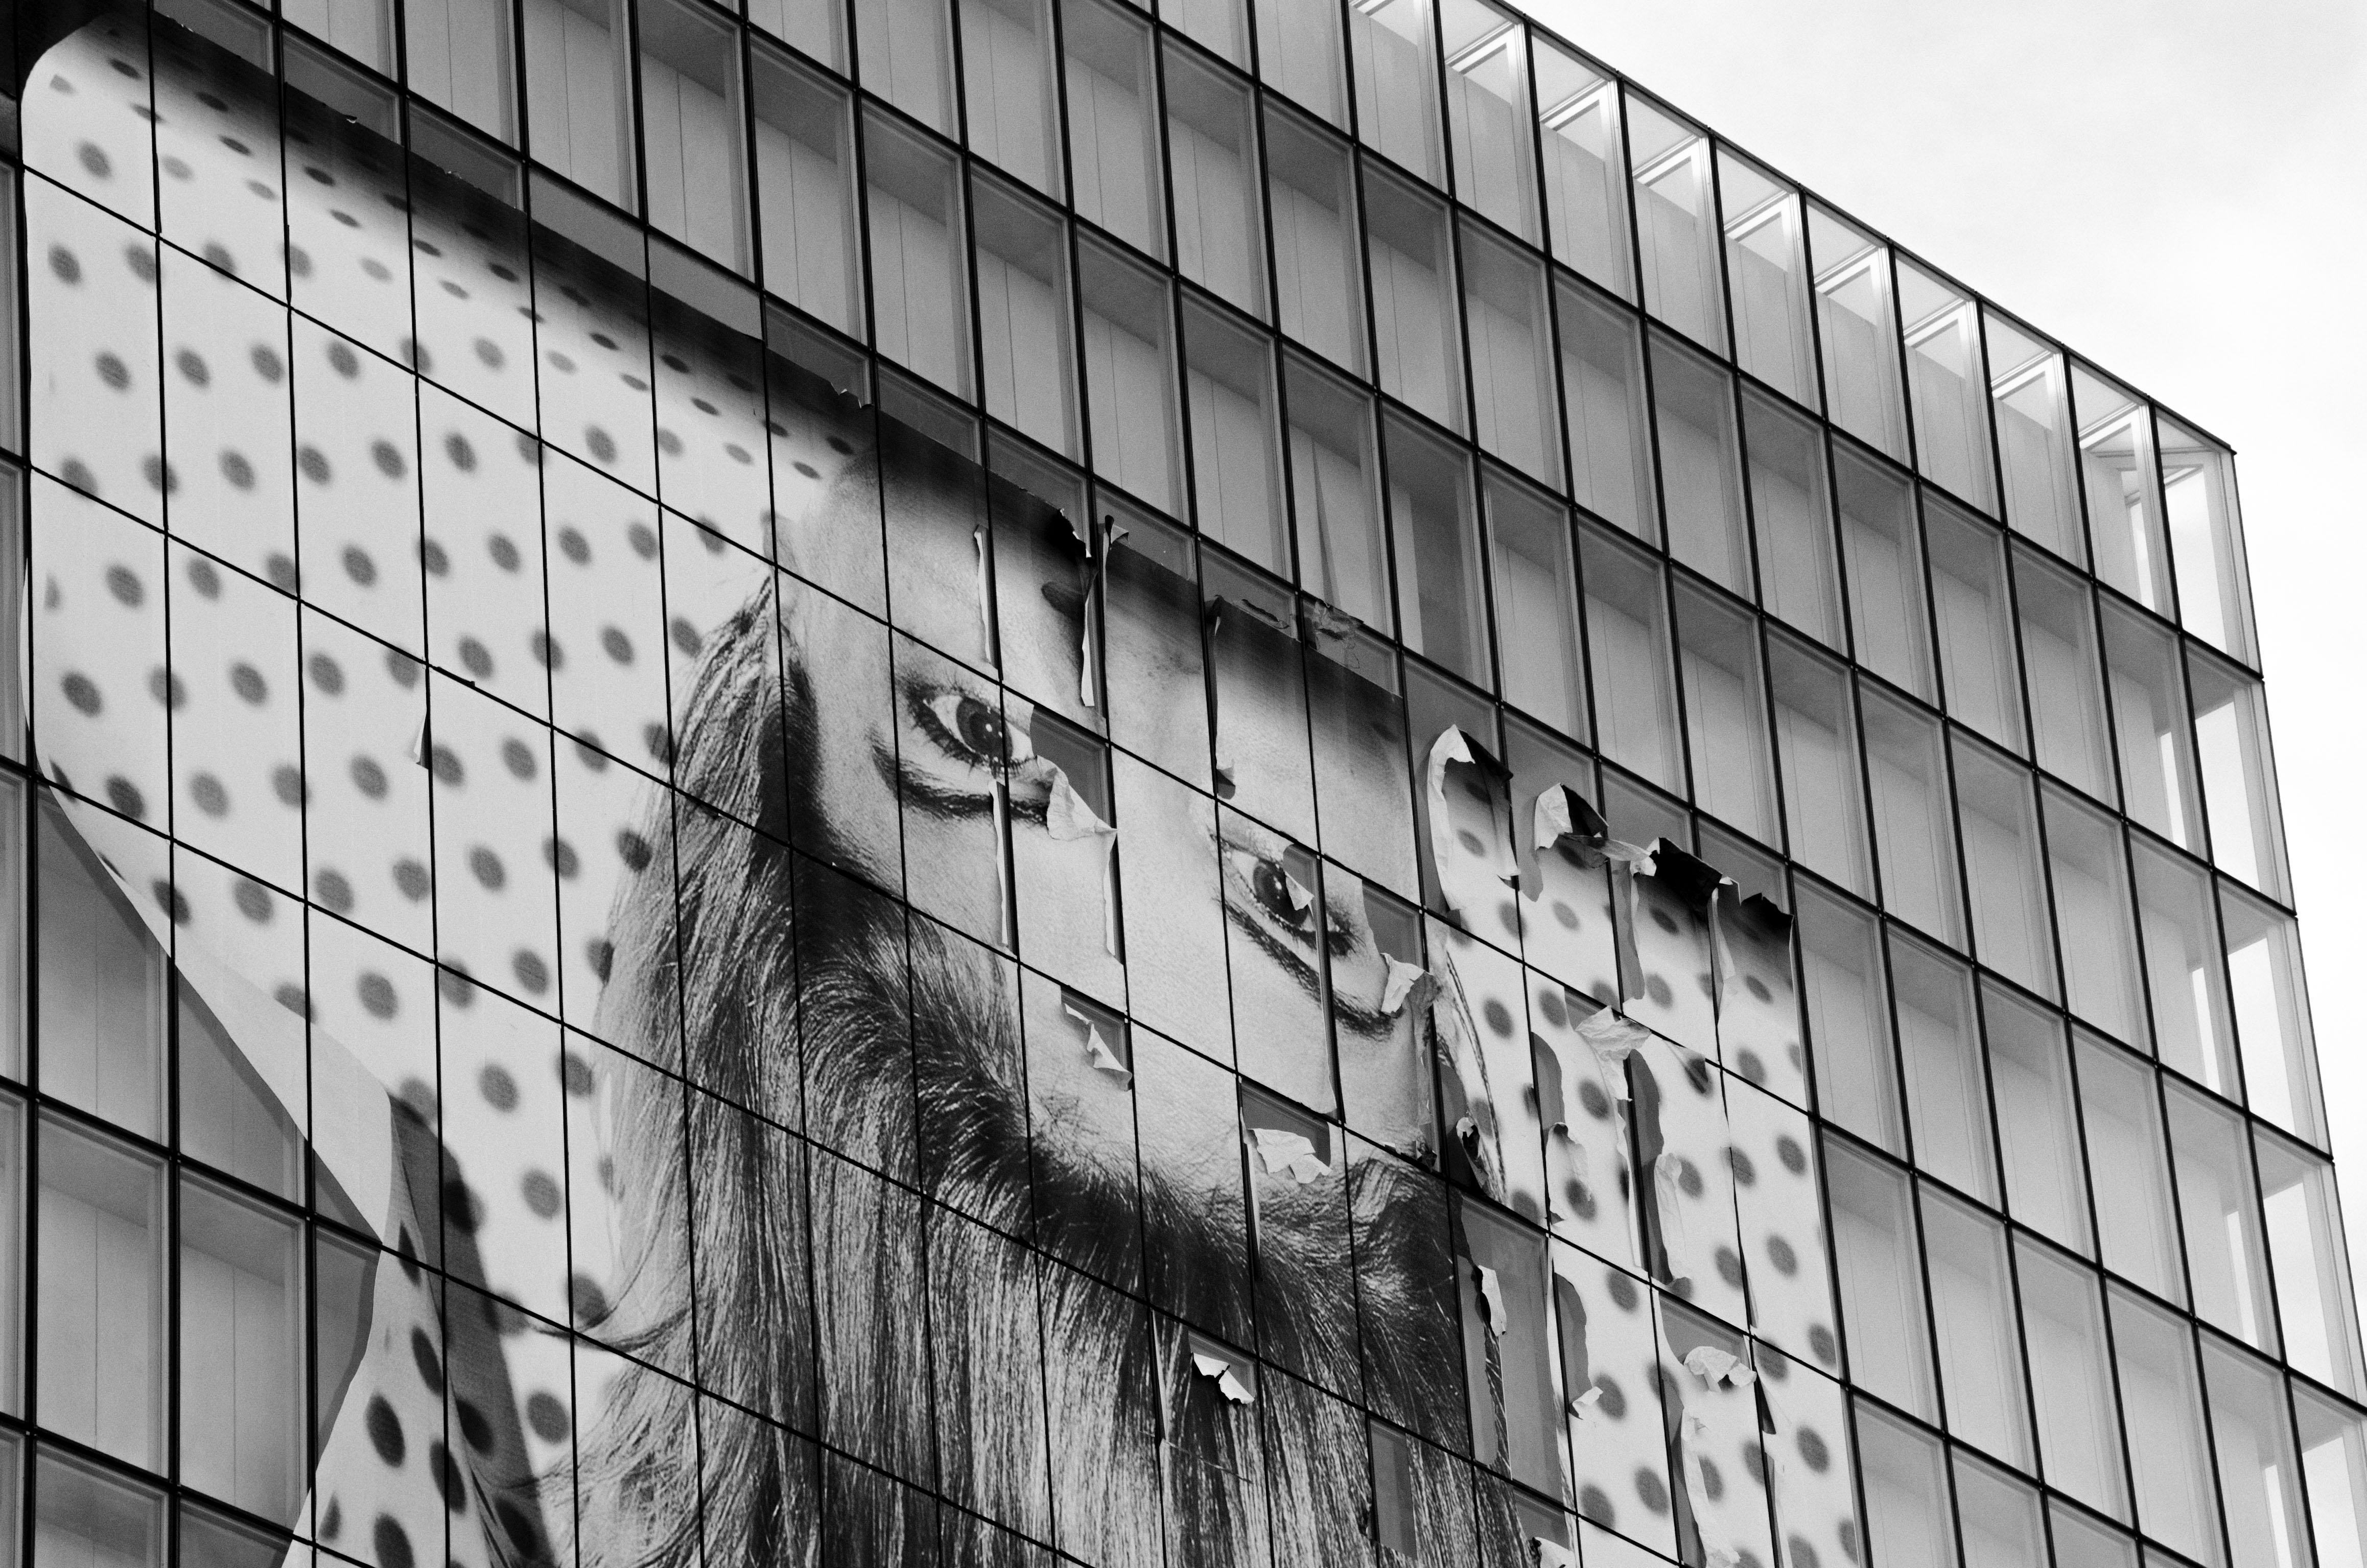 Suspendue, 2013, Paris